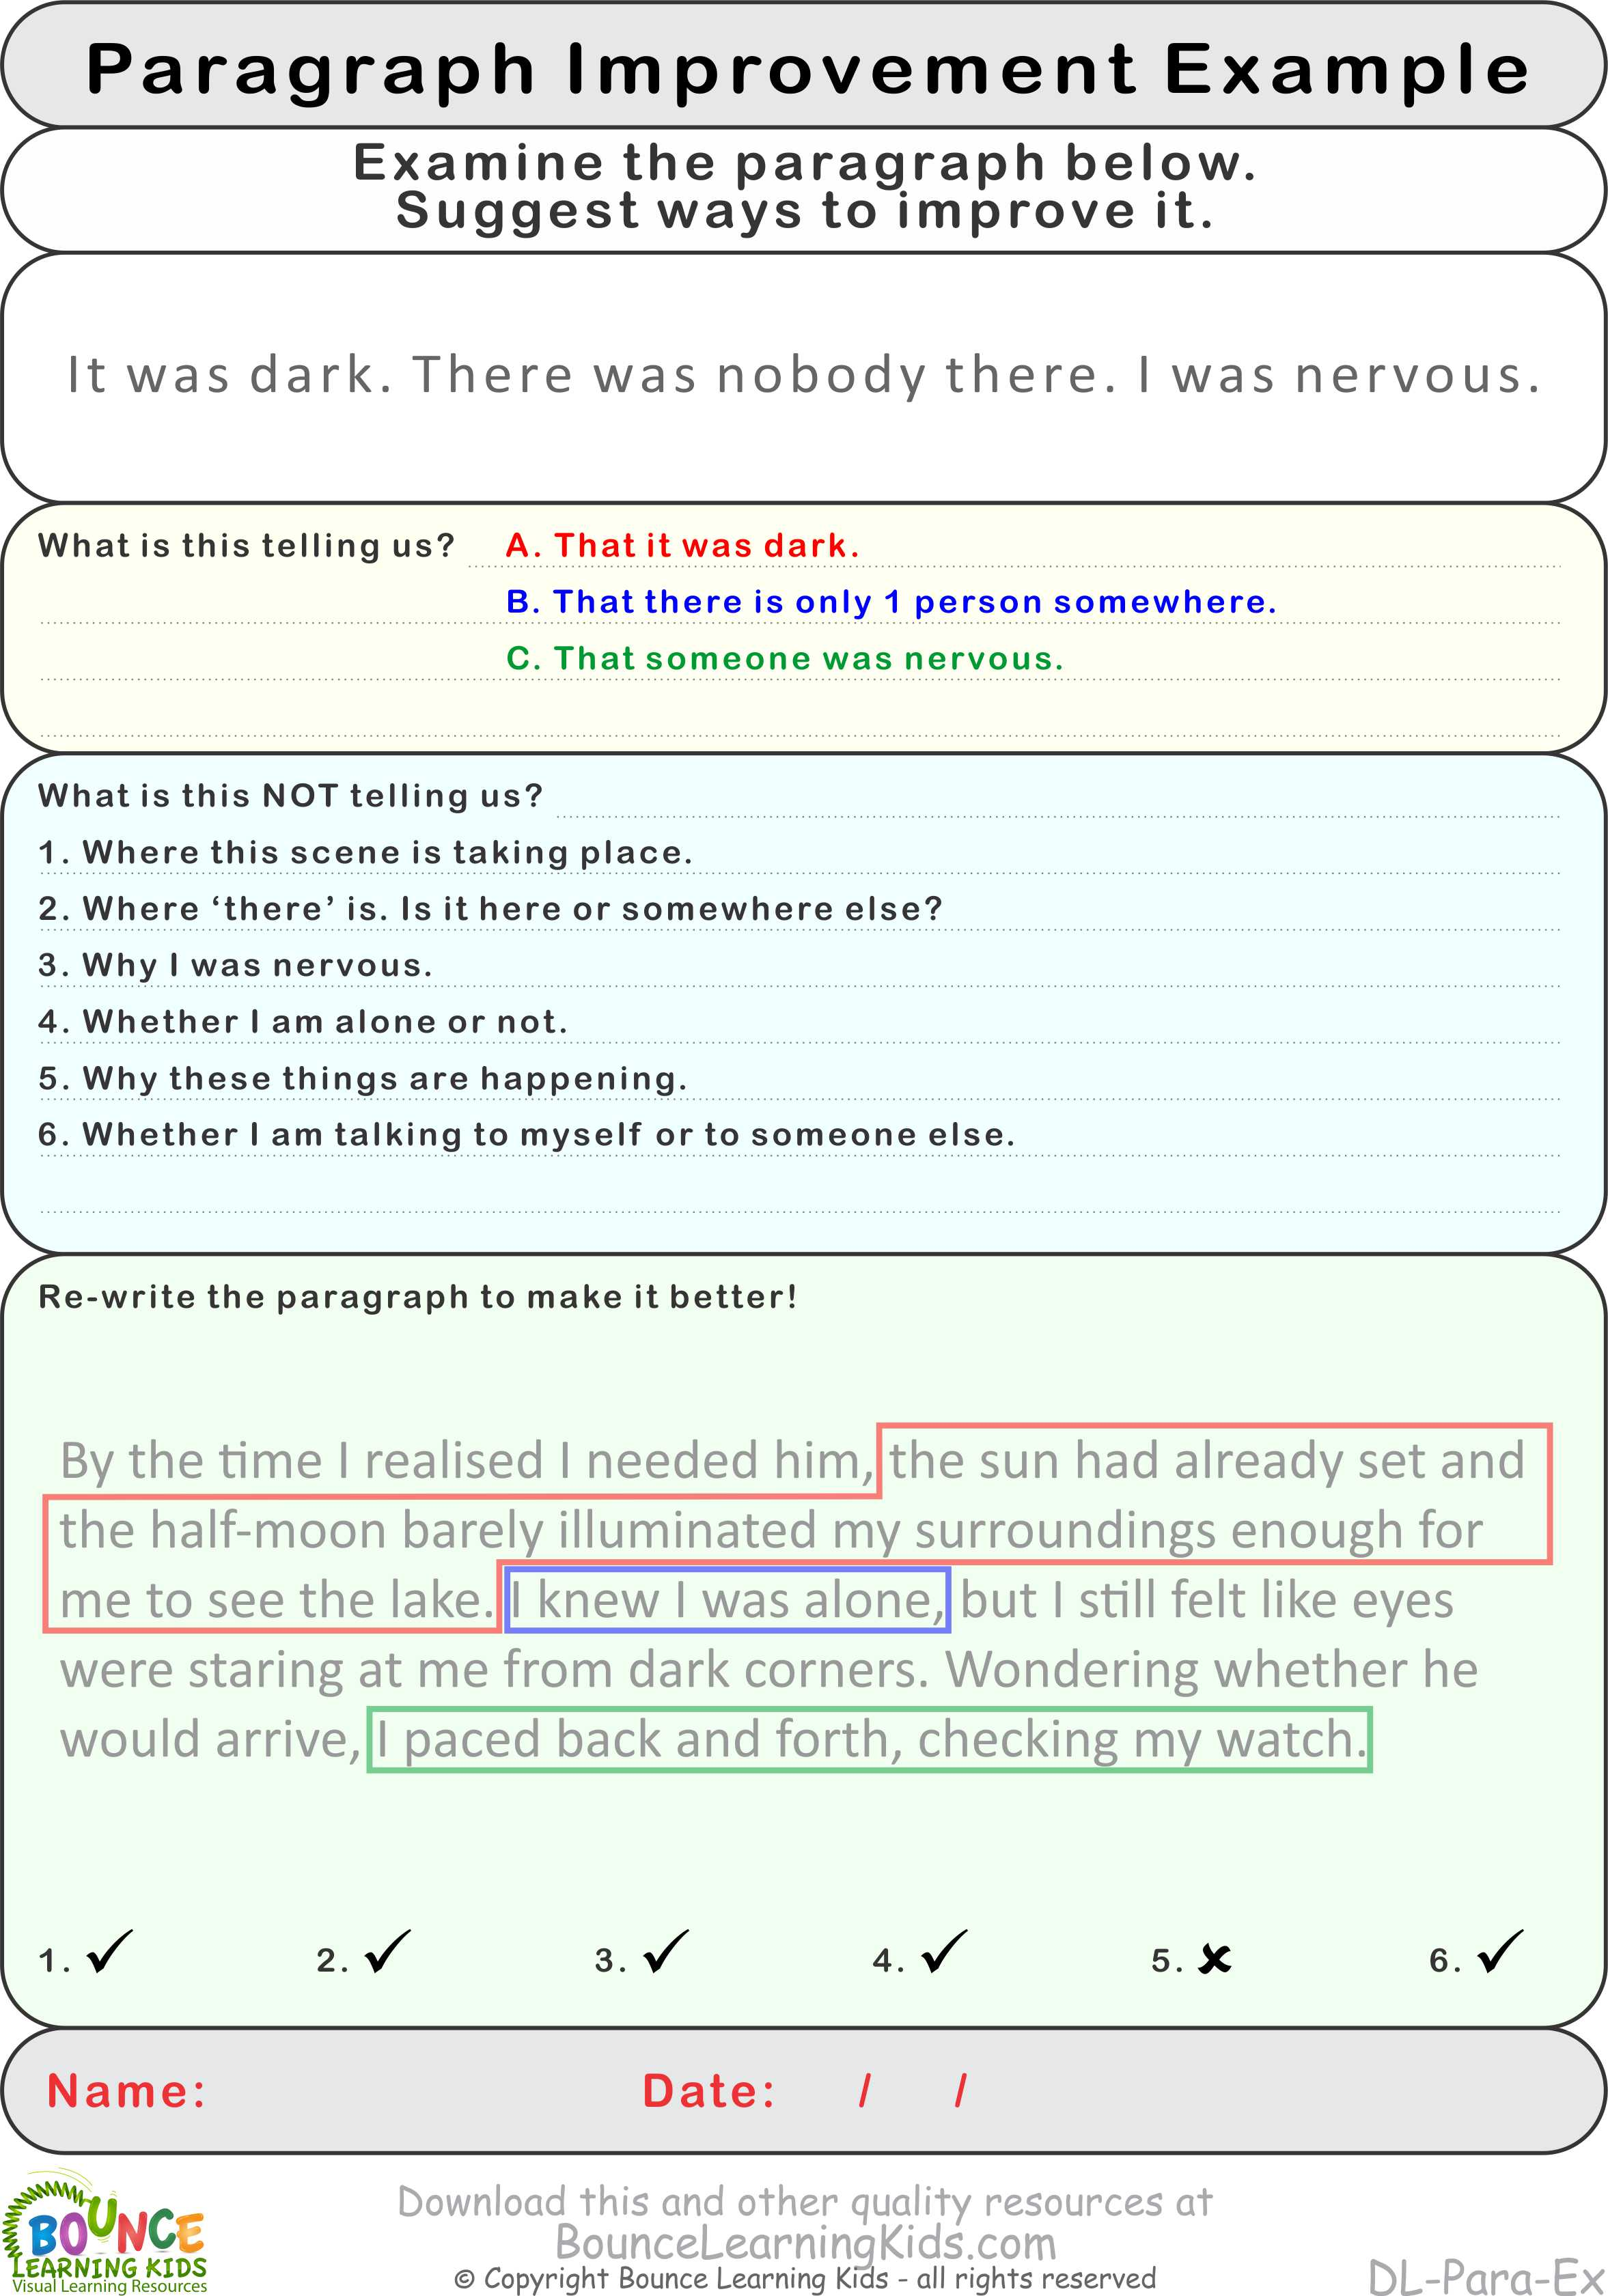 Improve Paragraph